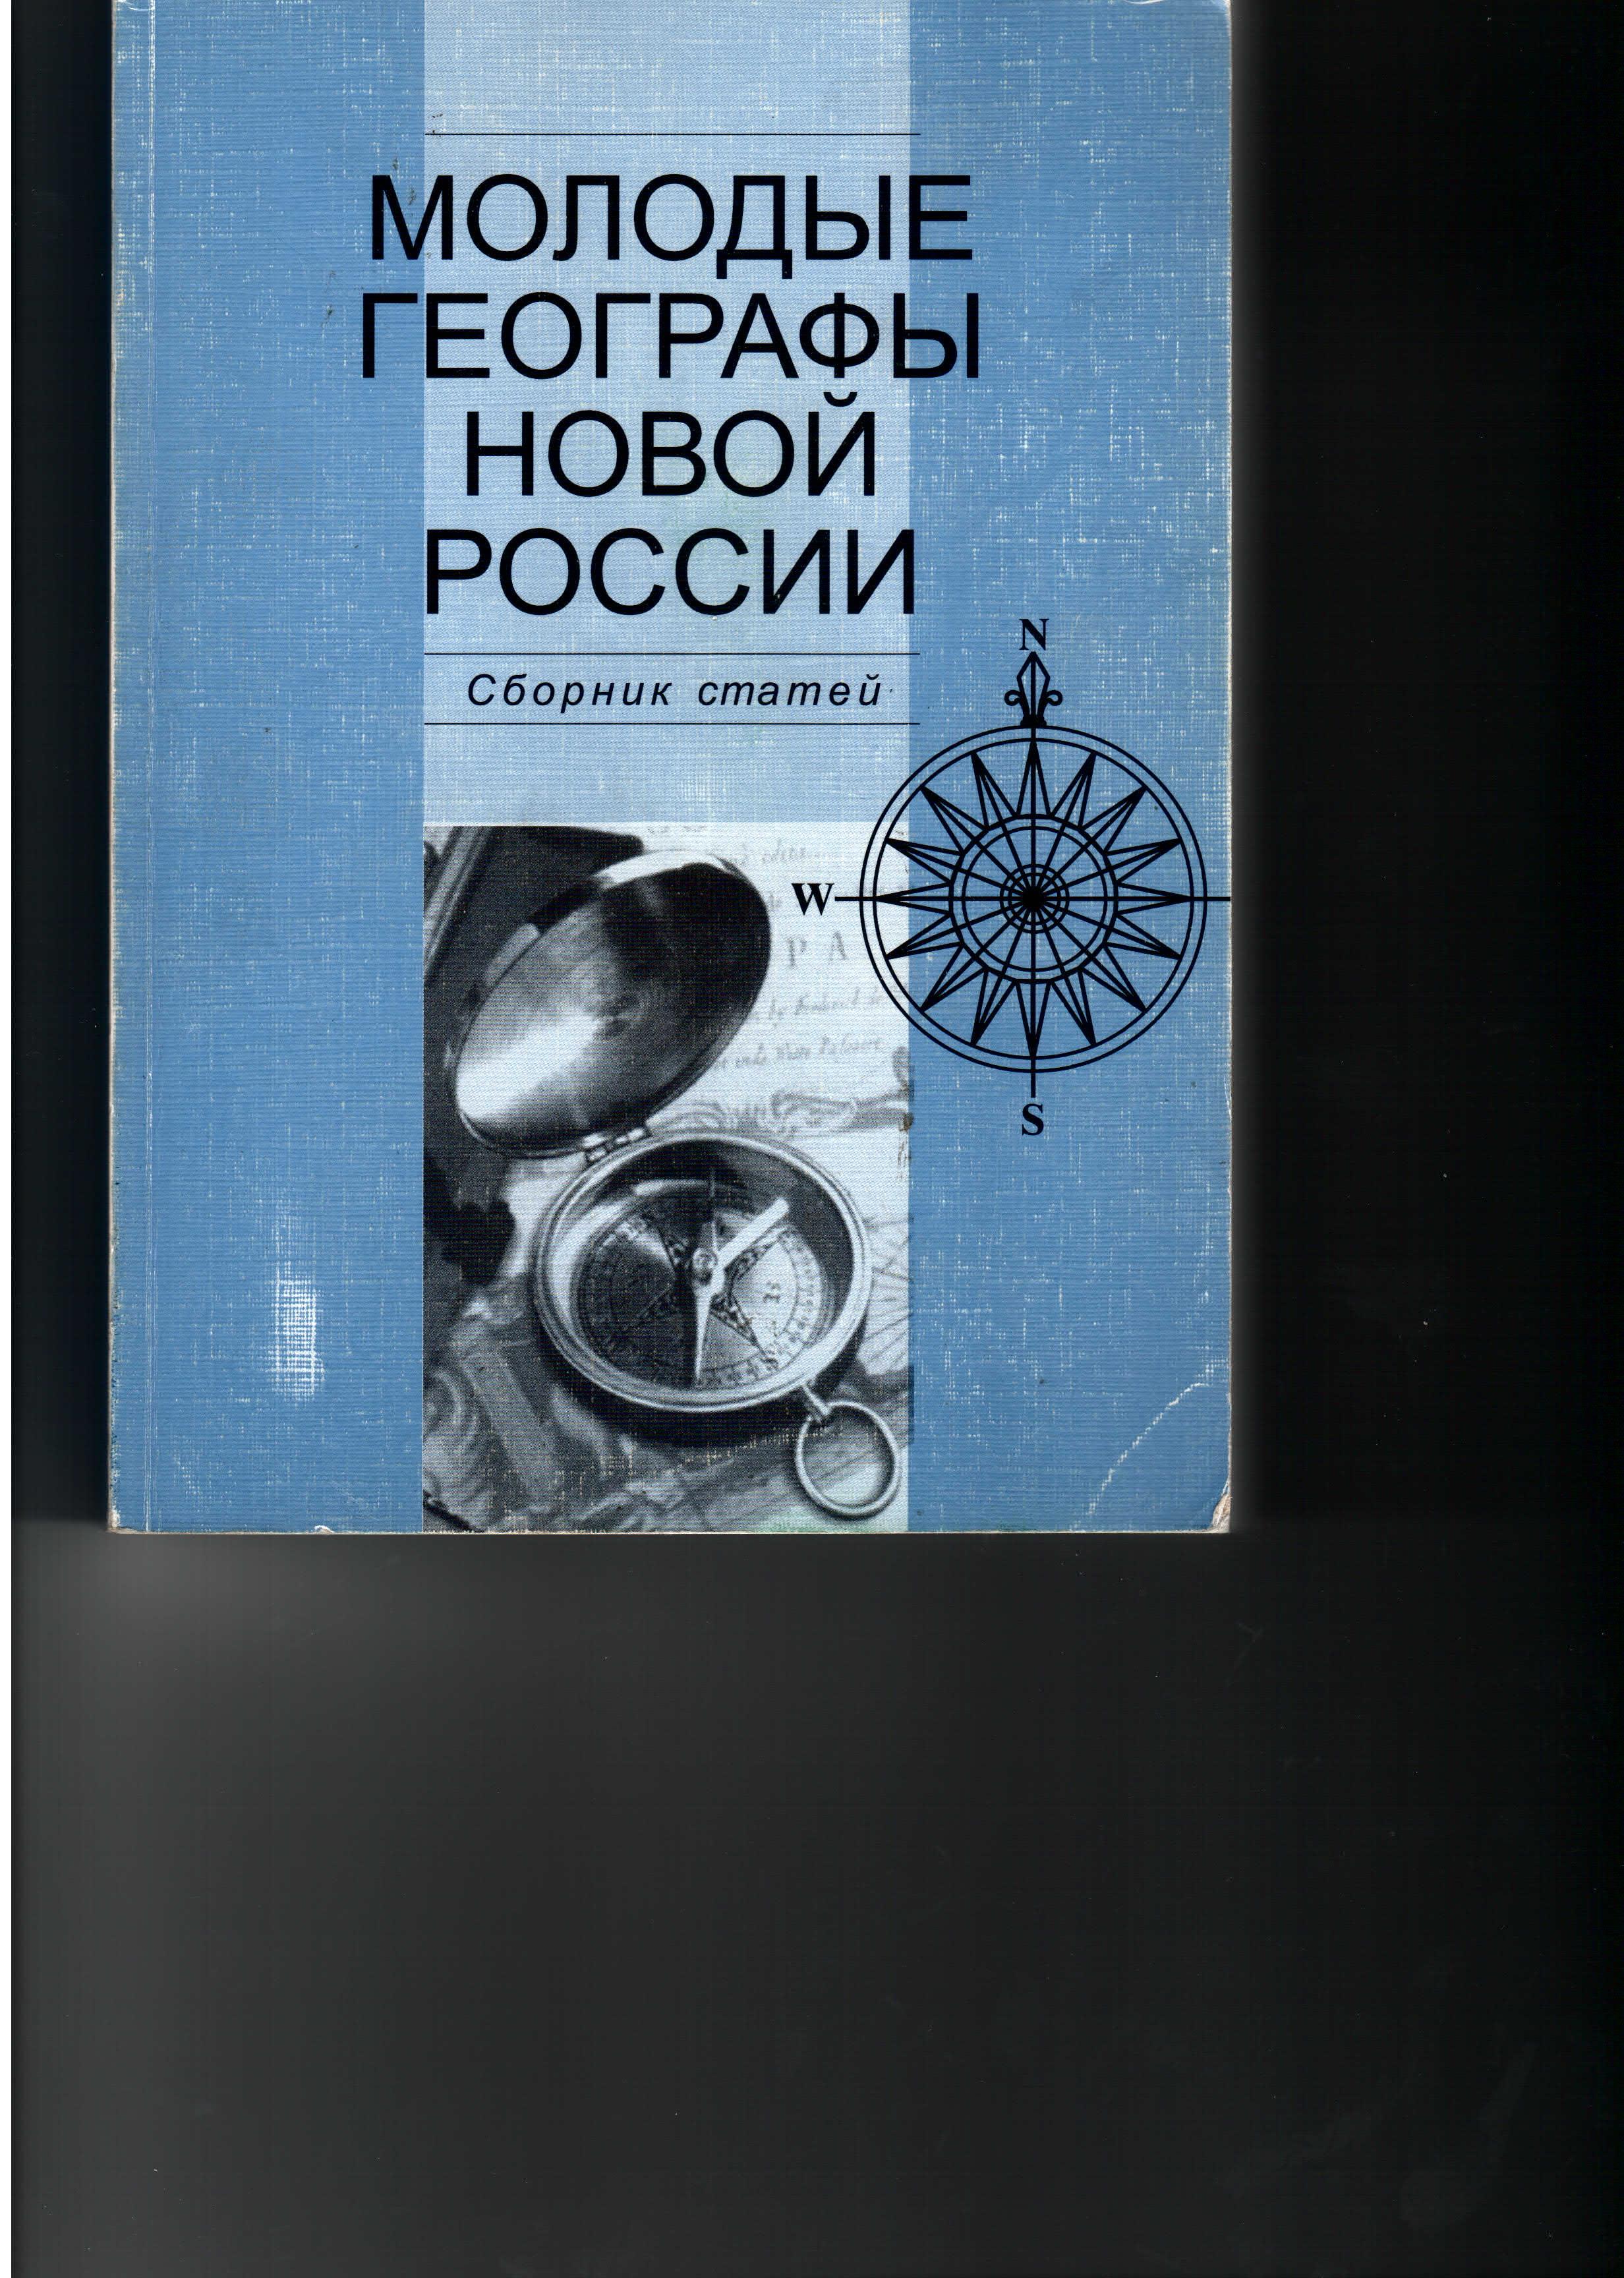 Молодые географы новой России